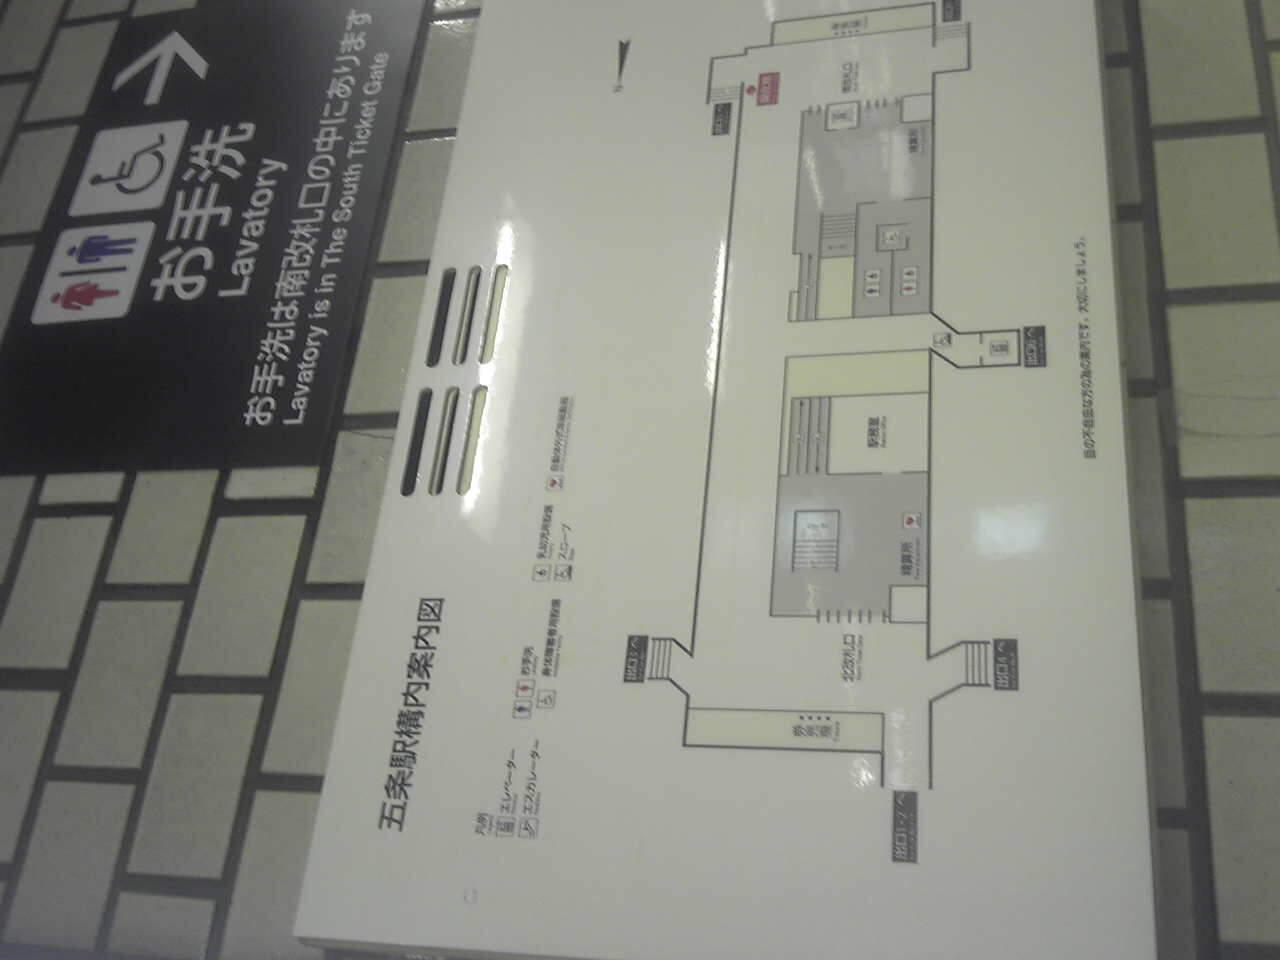 どこをとっても、中国語表記・ハングル表記がない、地下鉄五条駅。